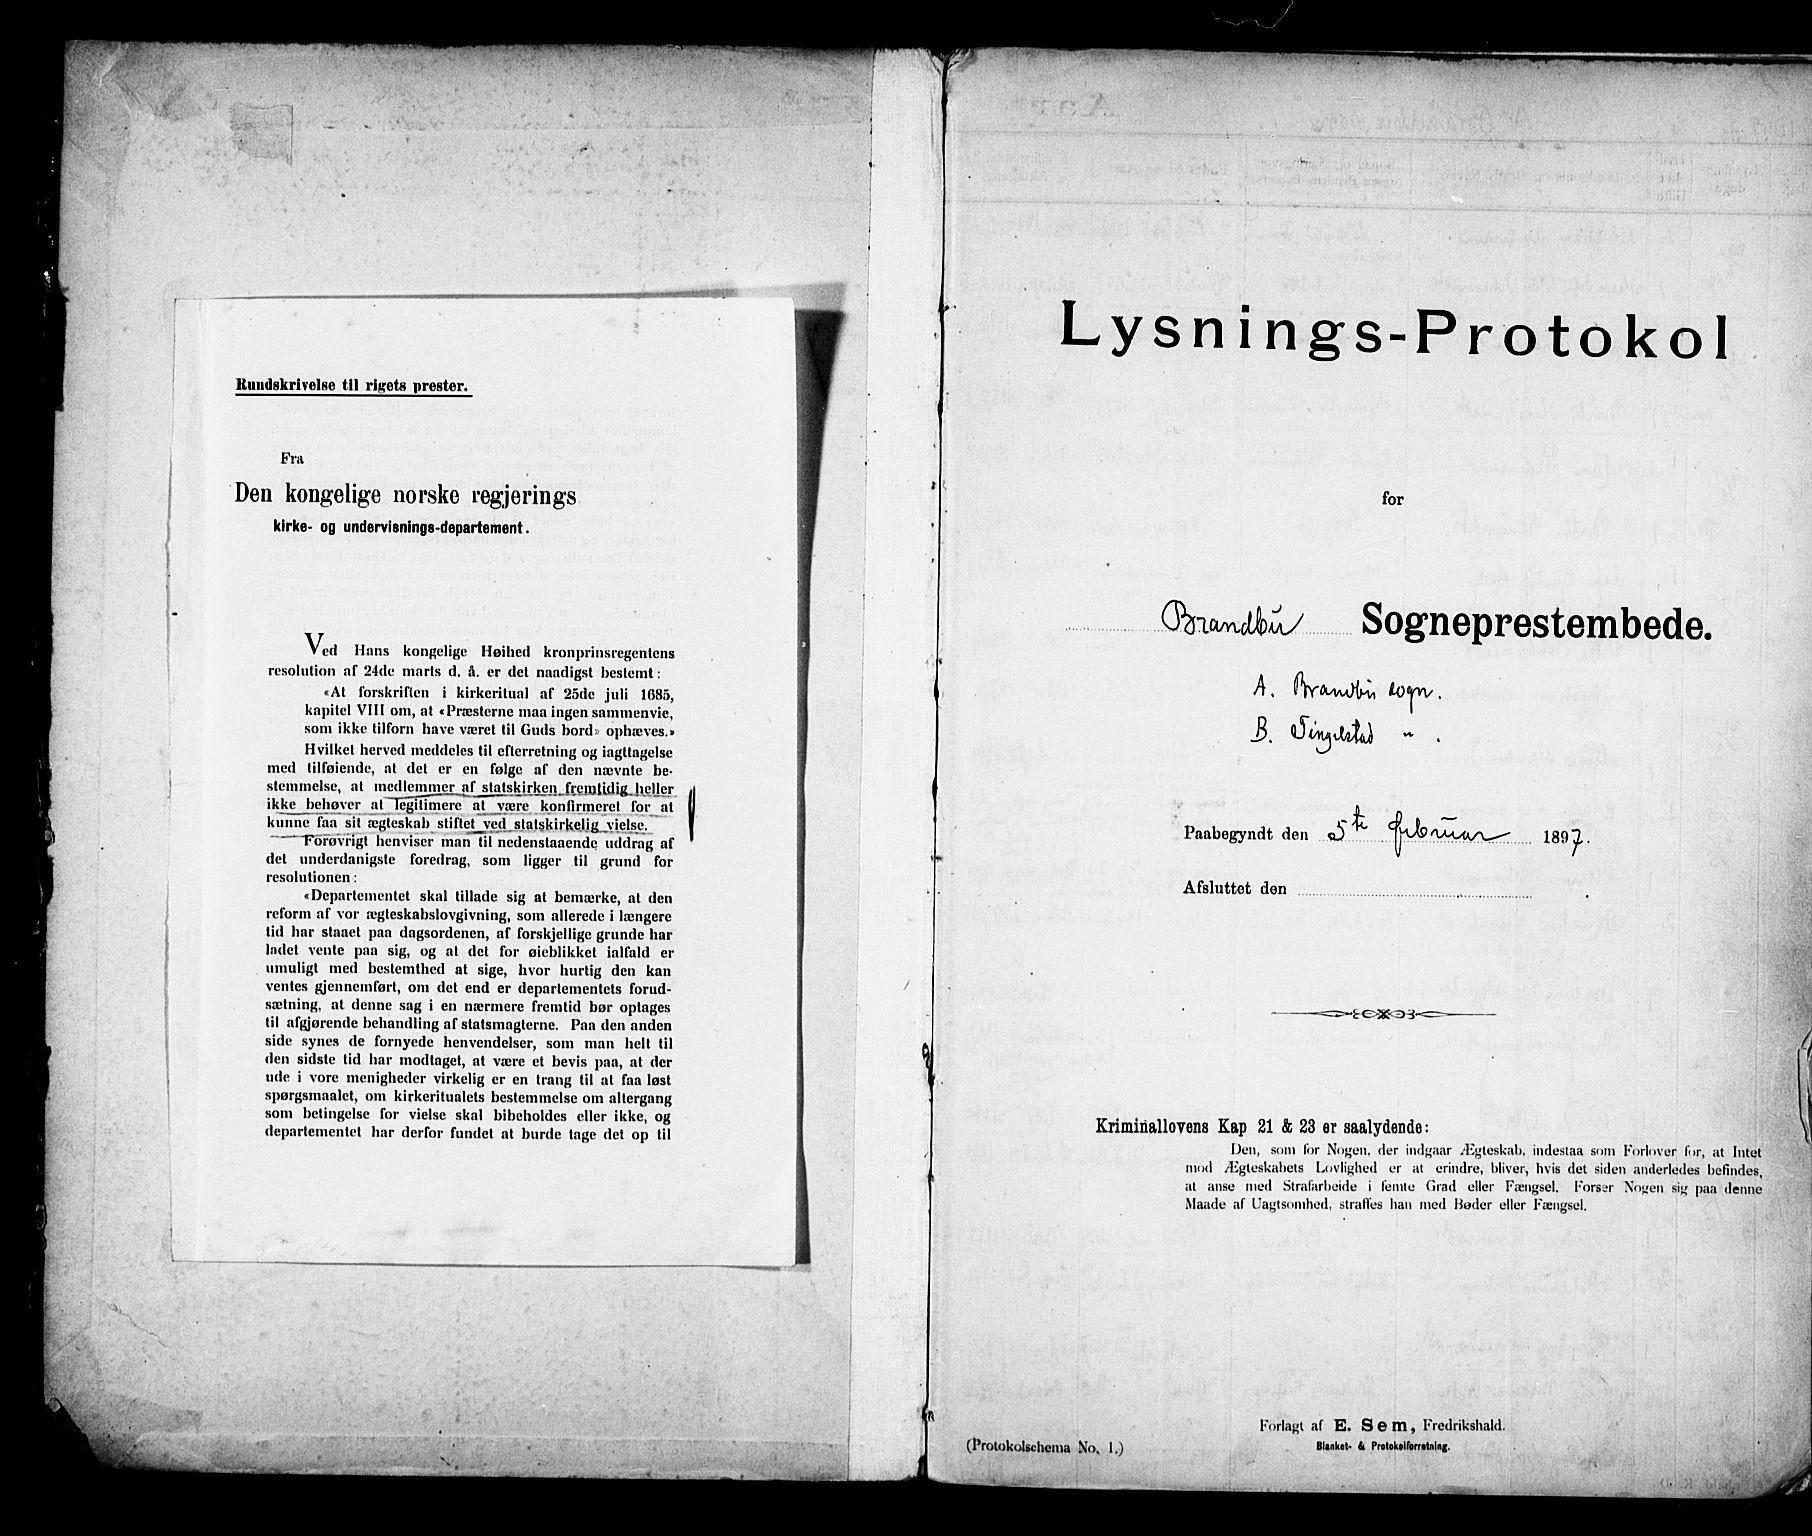 SAH, Brandbu prestekontor, Lysningsprotokoll nr. 1, 1897-1914